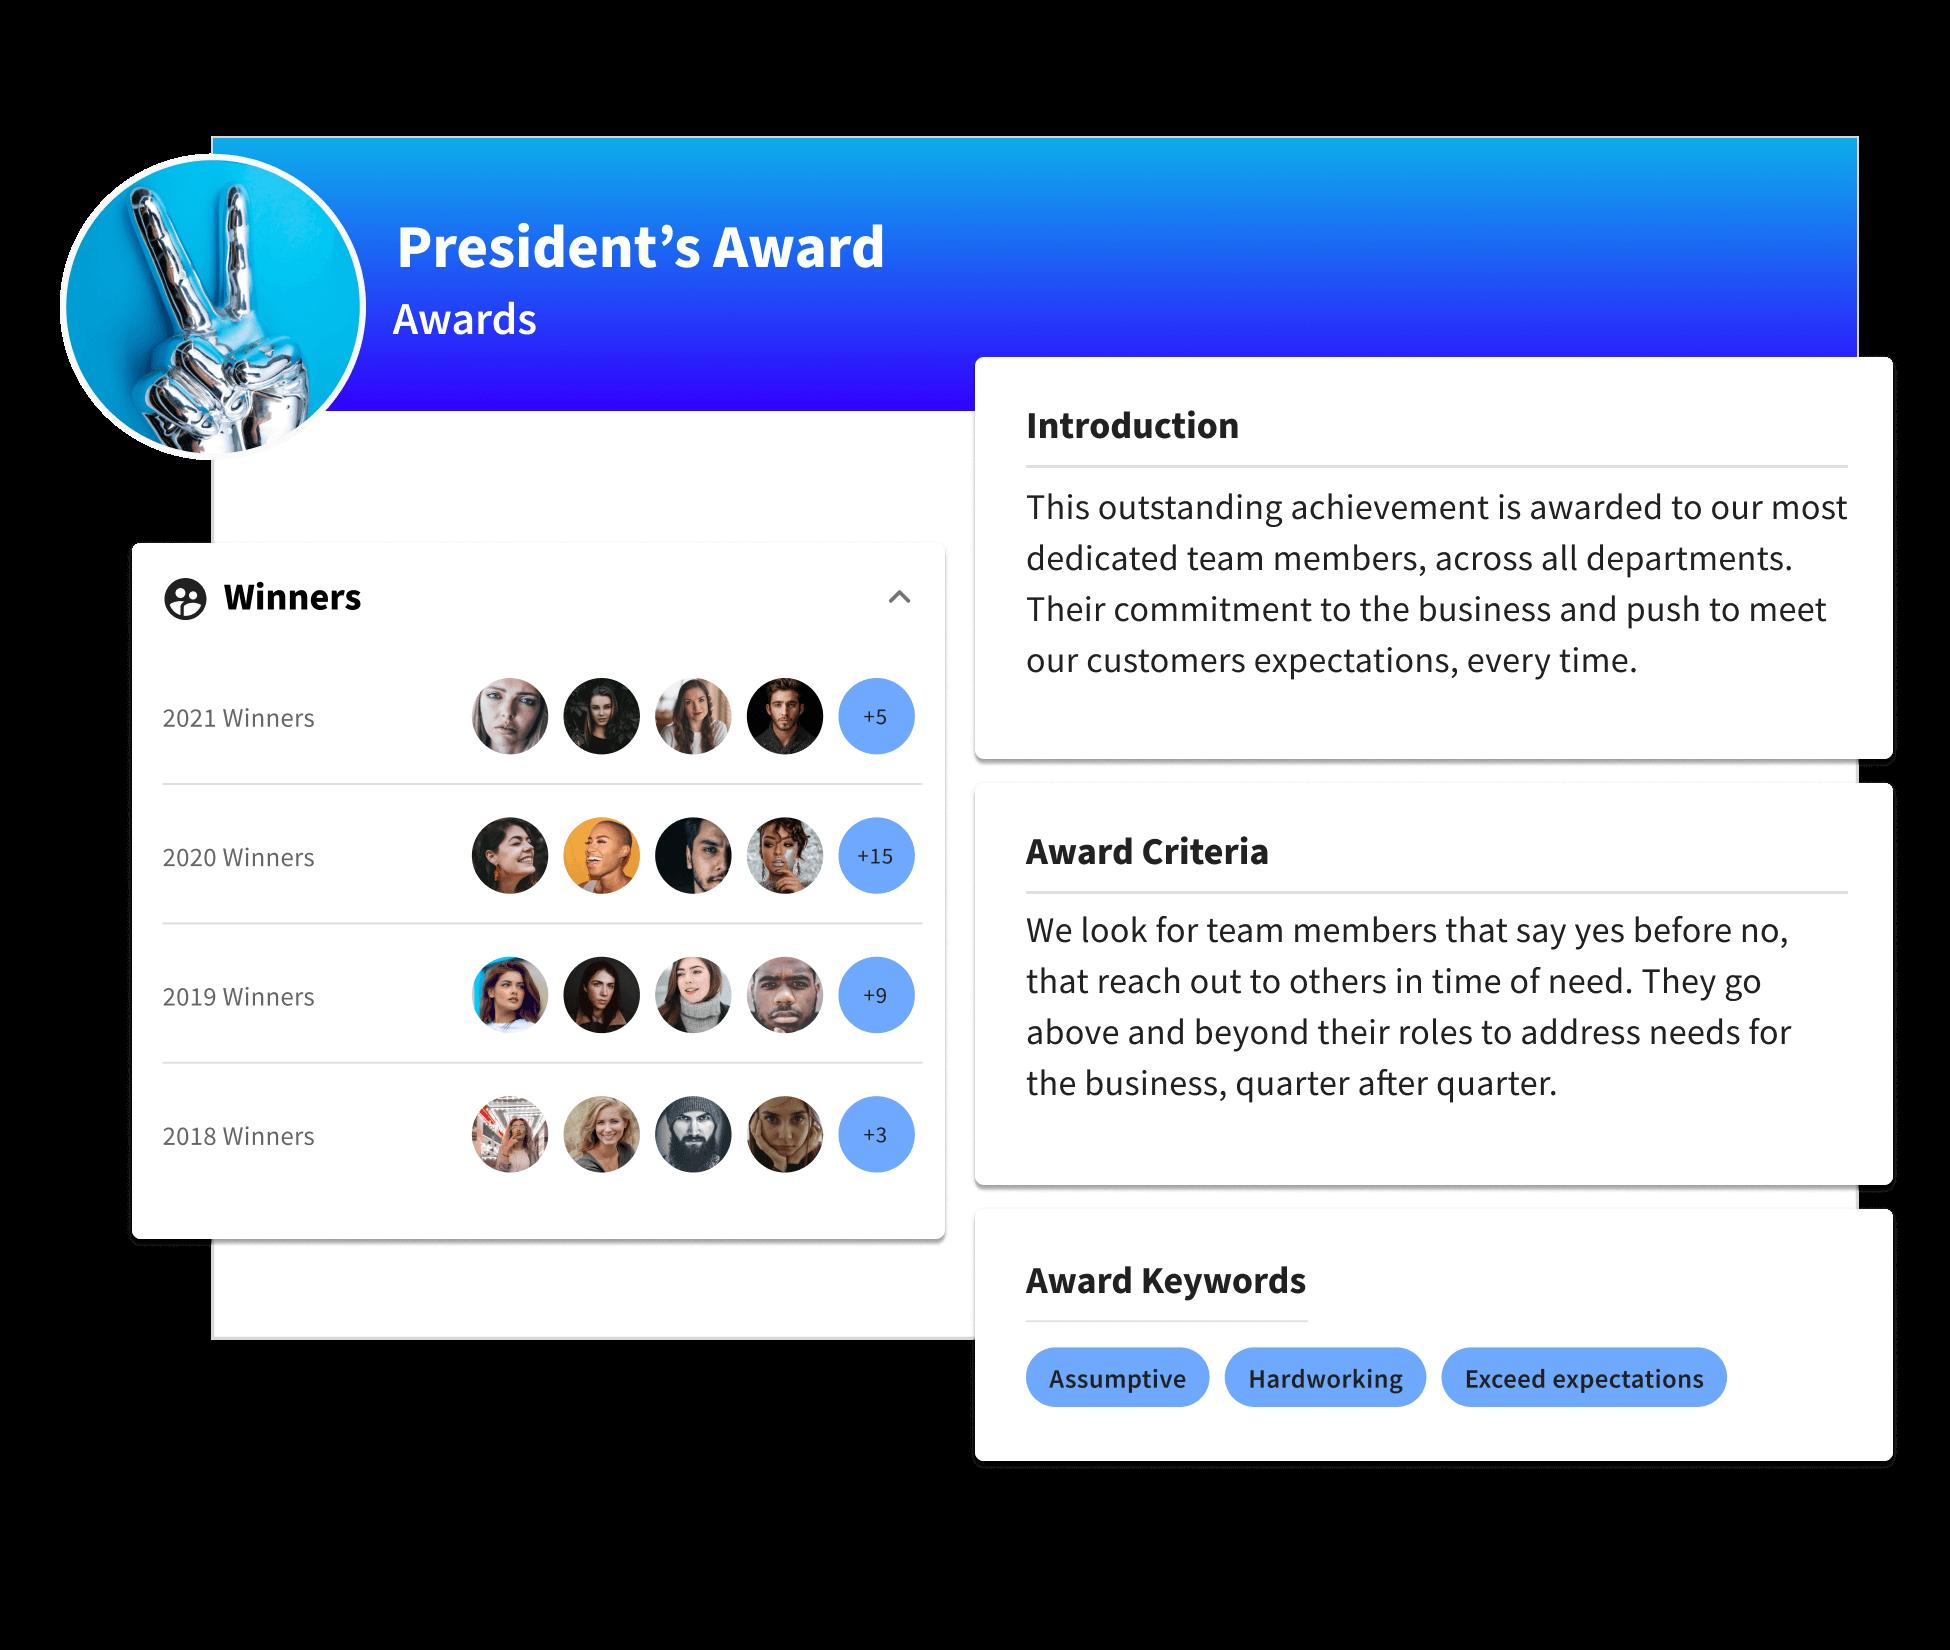 A profile for a company award